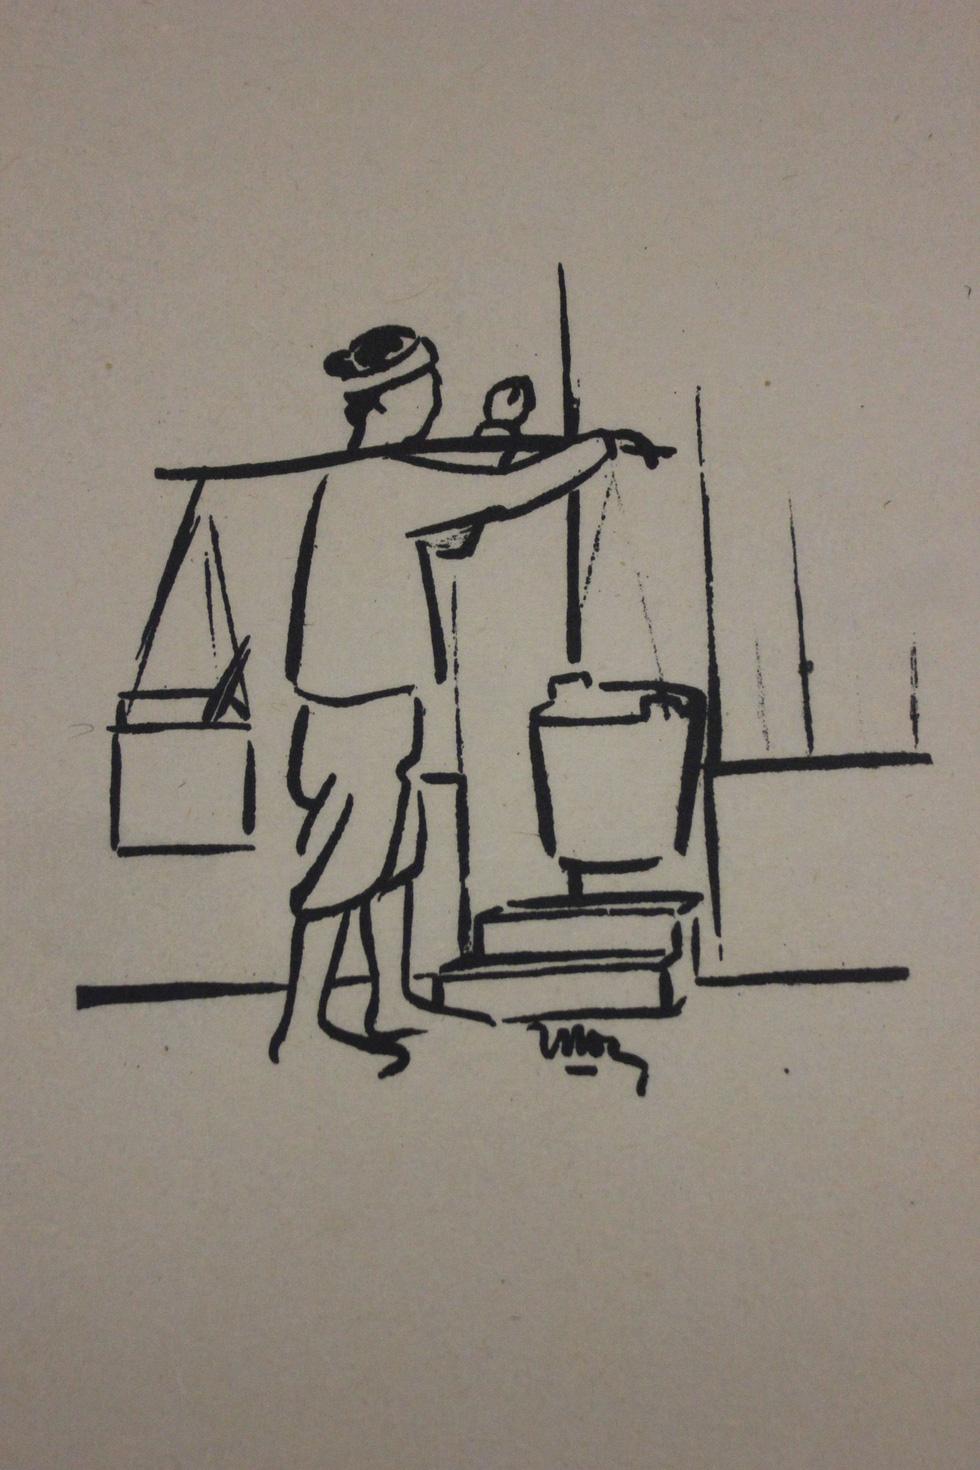 Bất ngờ với gánh hàng rong Hà Nội xưa trong tranh họa sĩ triệu đô Lê Phổ - Ảnh 6.